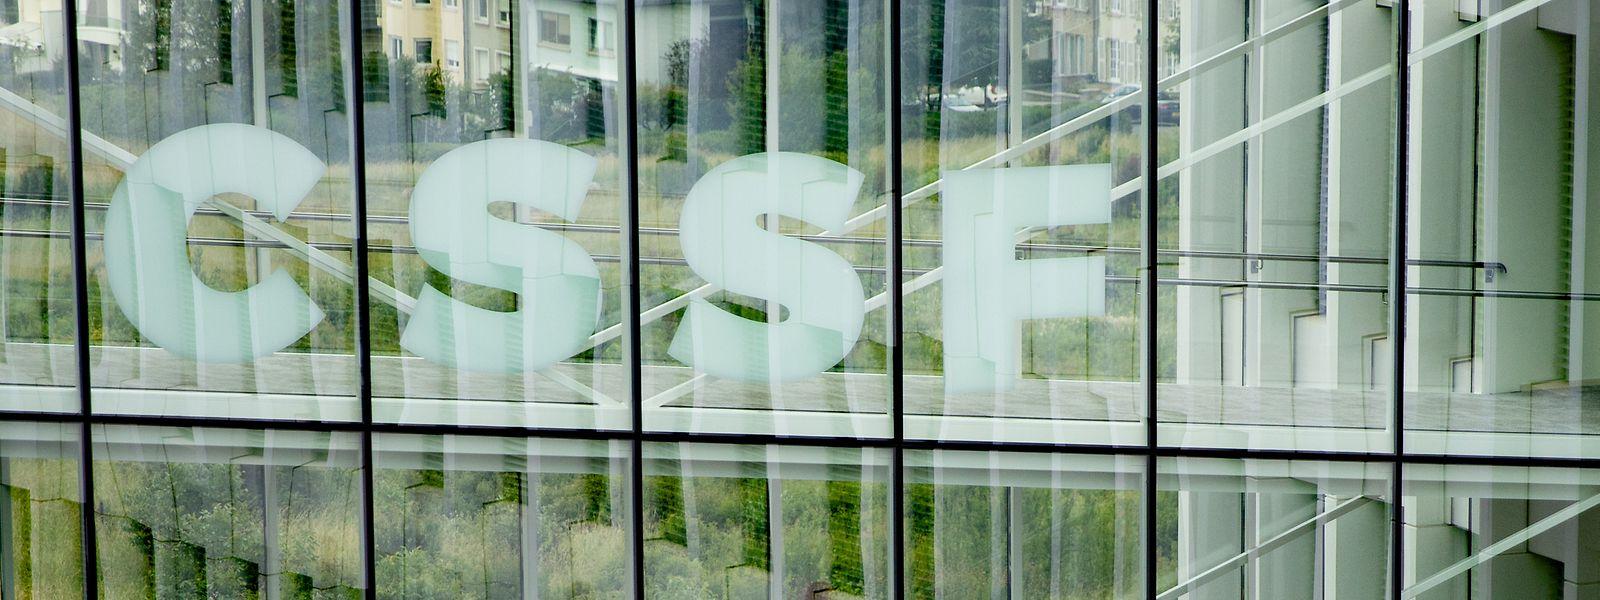 Au second semestre 2019, 3,1 milliards d'euros de crédit immobilier ont été accordés par les banques de la Place, selon la CSSF.